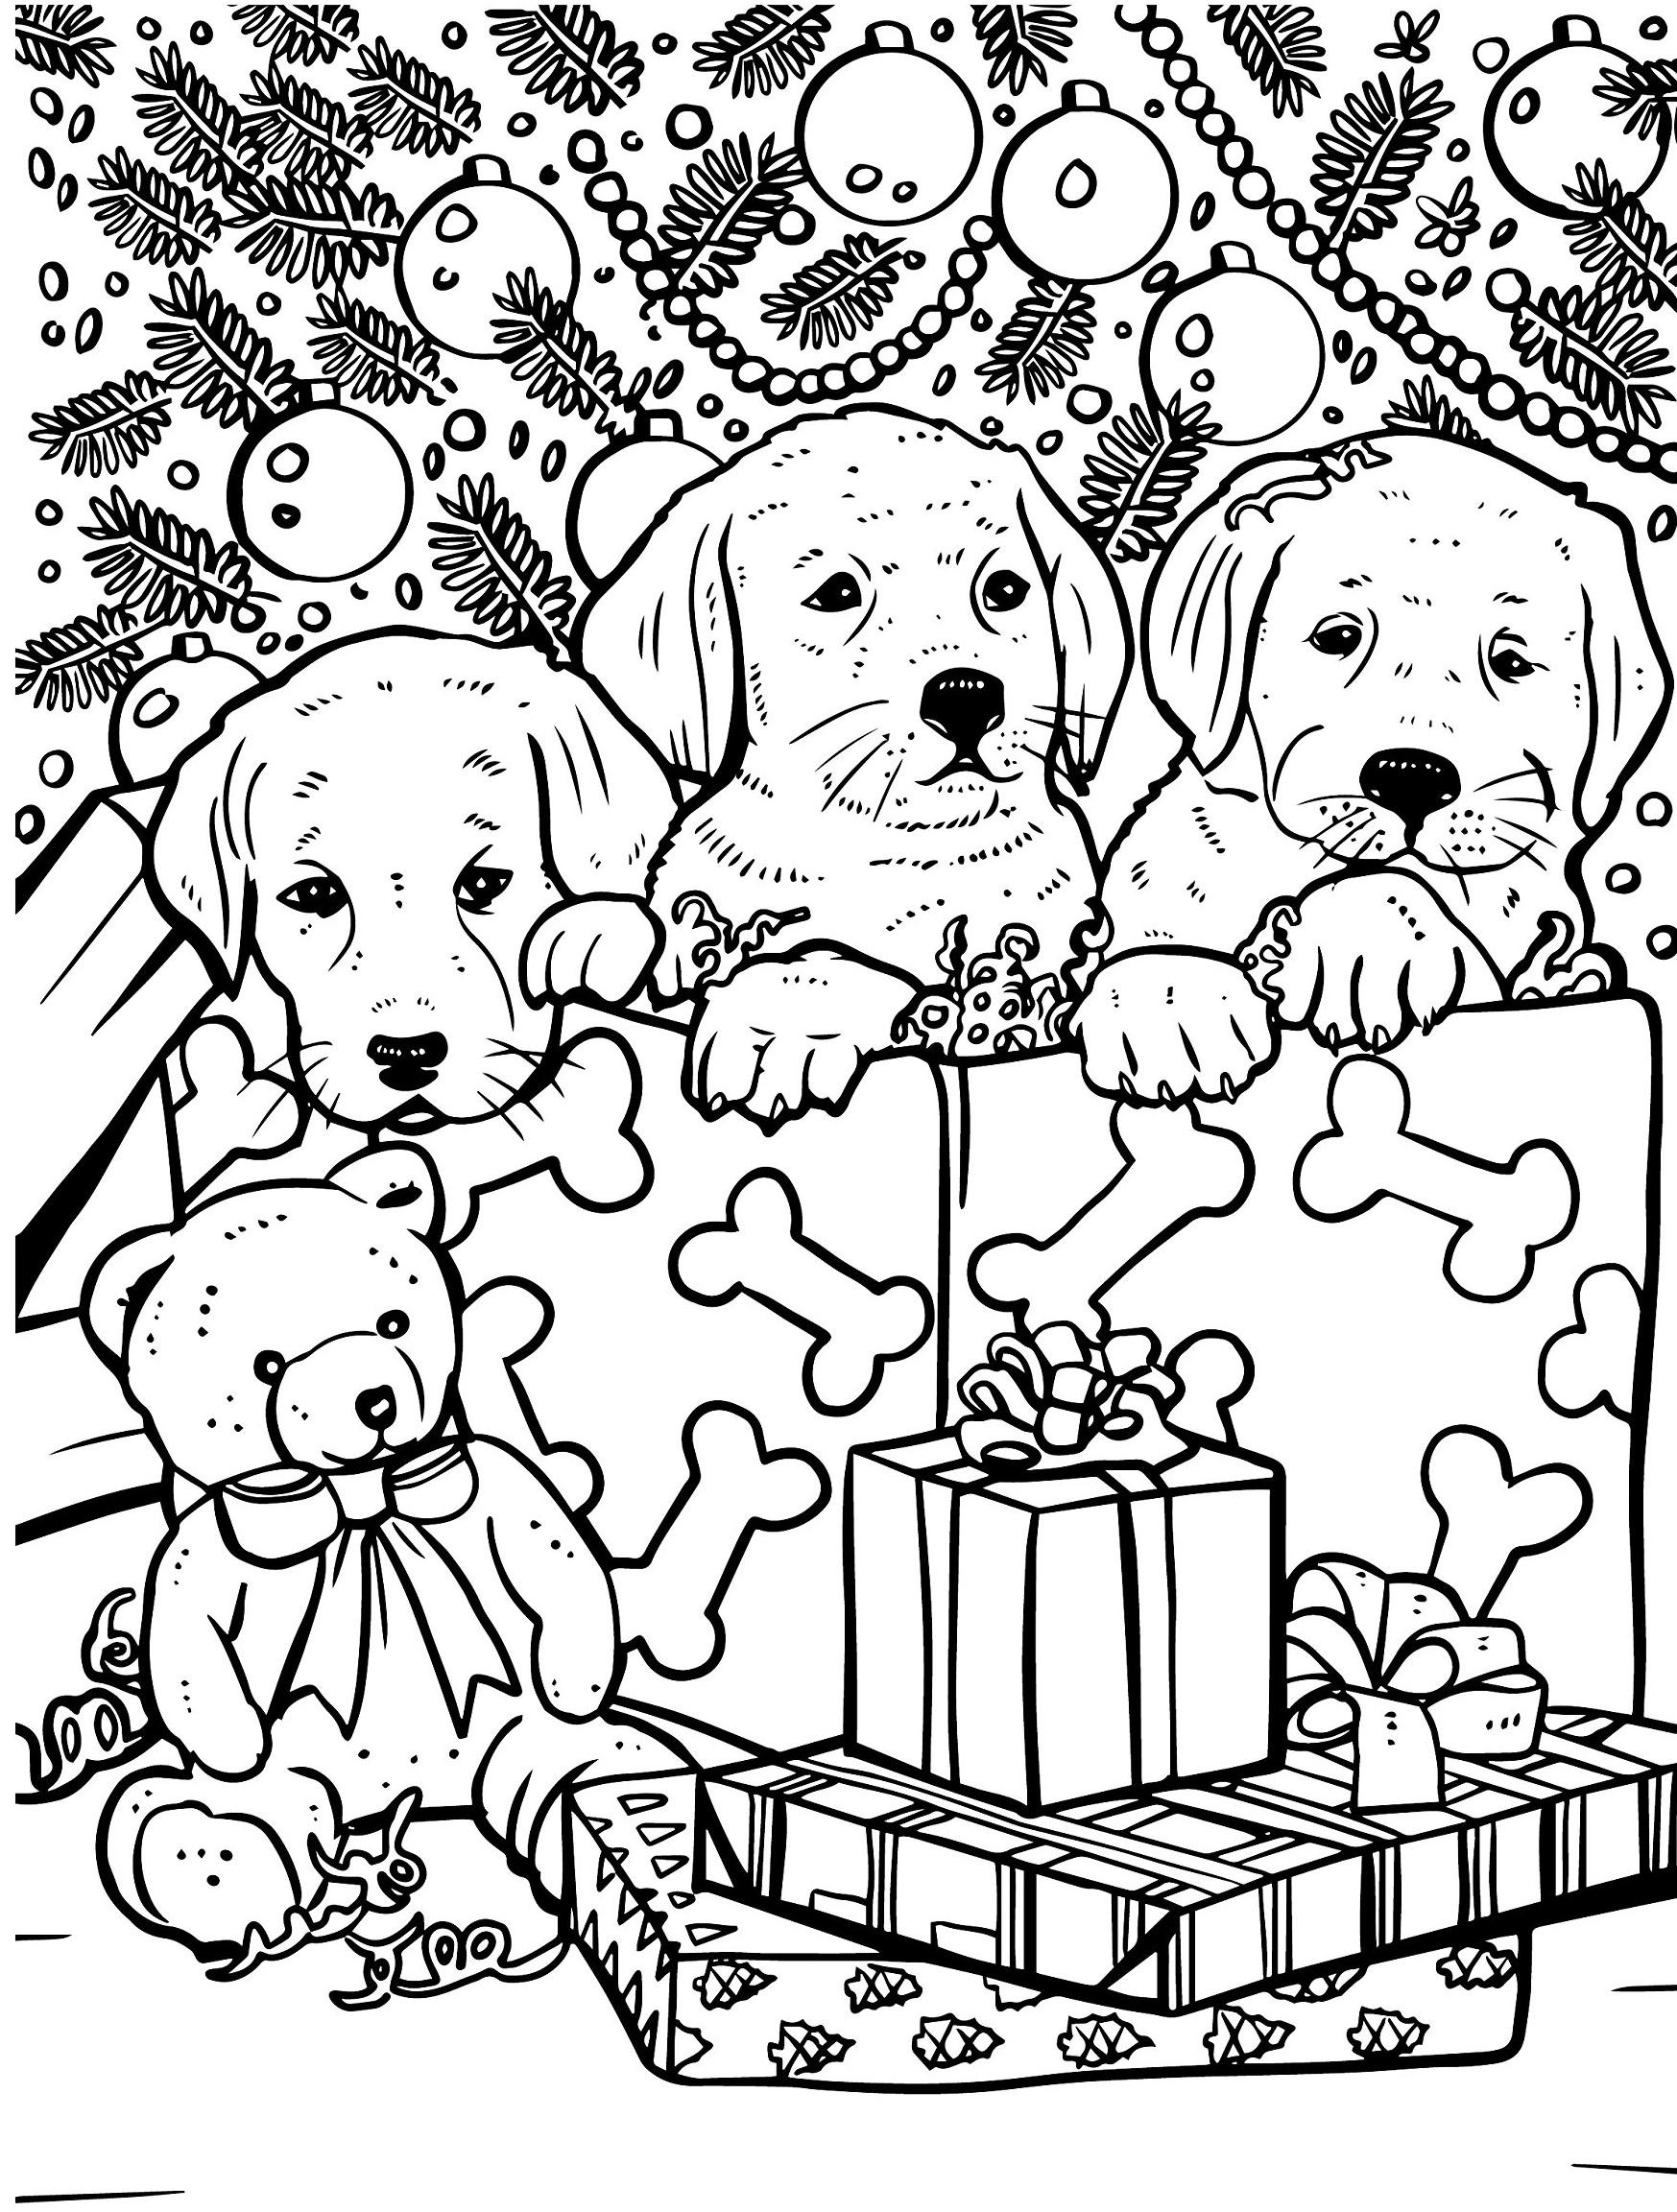 Раскраски антистресс распечатать Новый год Щенки под елкой